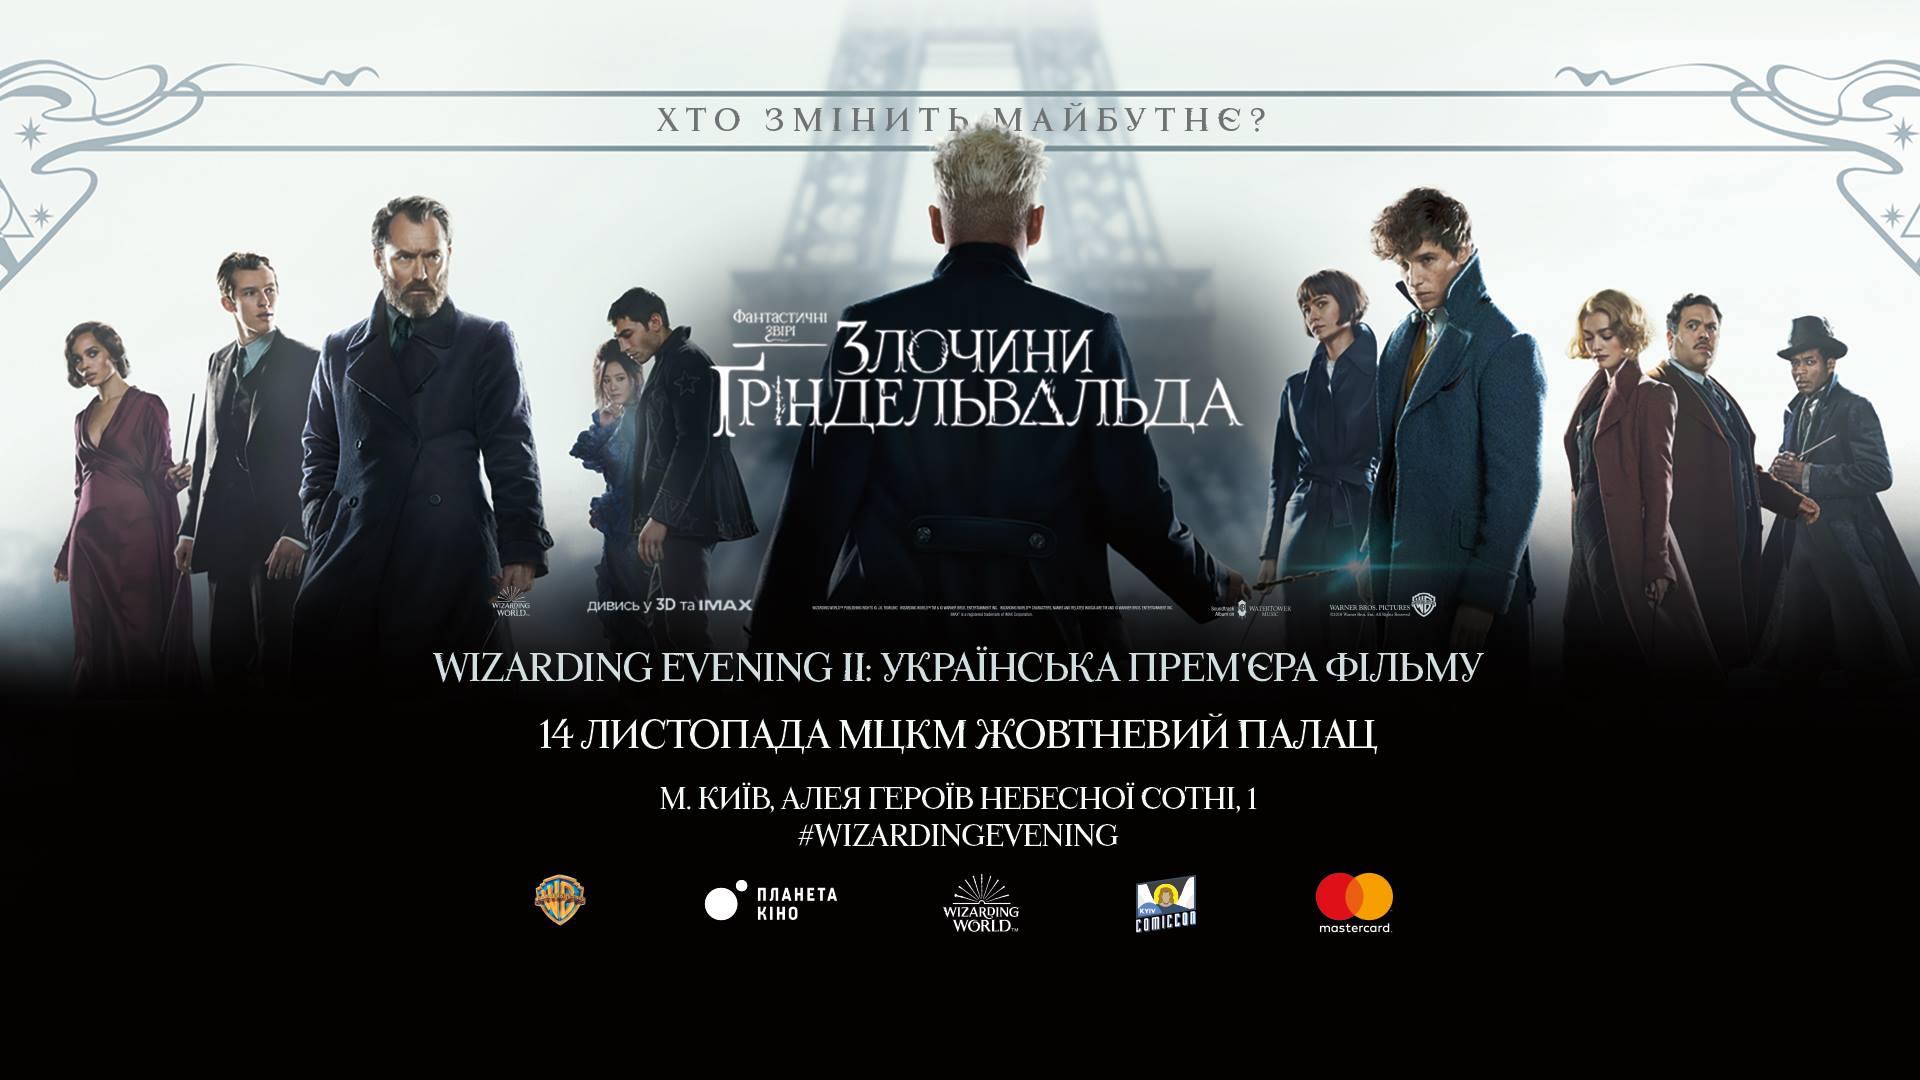 Wizarding Evening II: Українська прем'єра фільму «Фантастичні звірі: Злочини Ґріндельвальда»